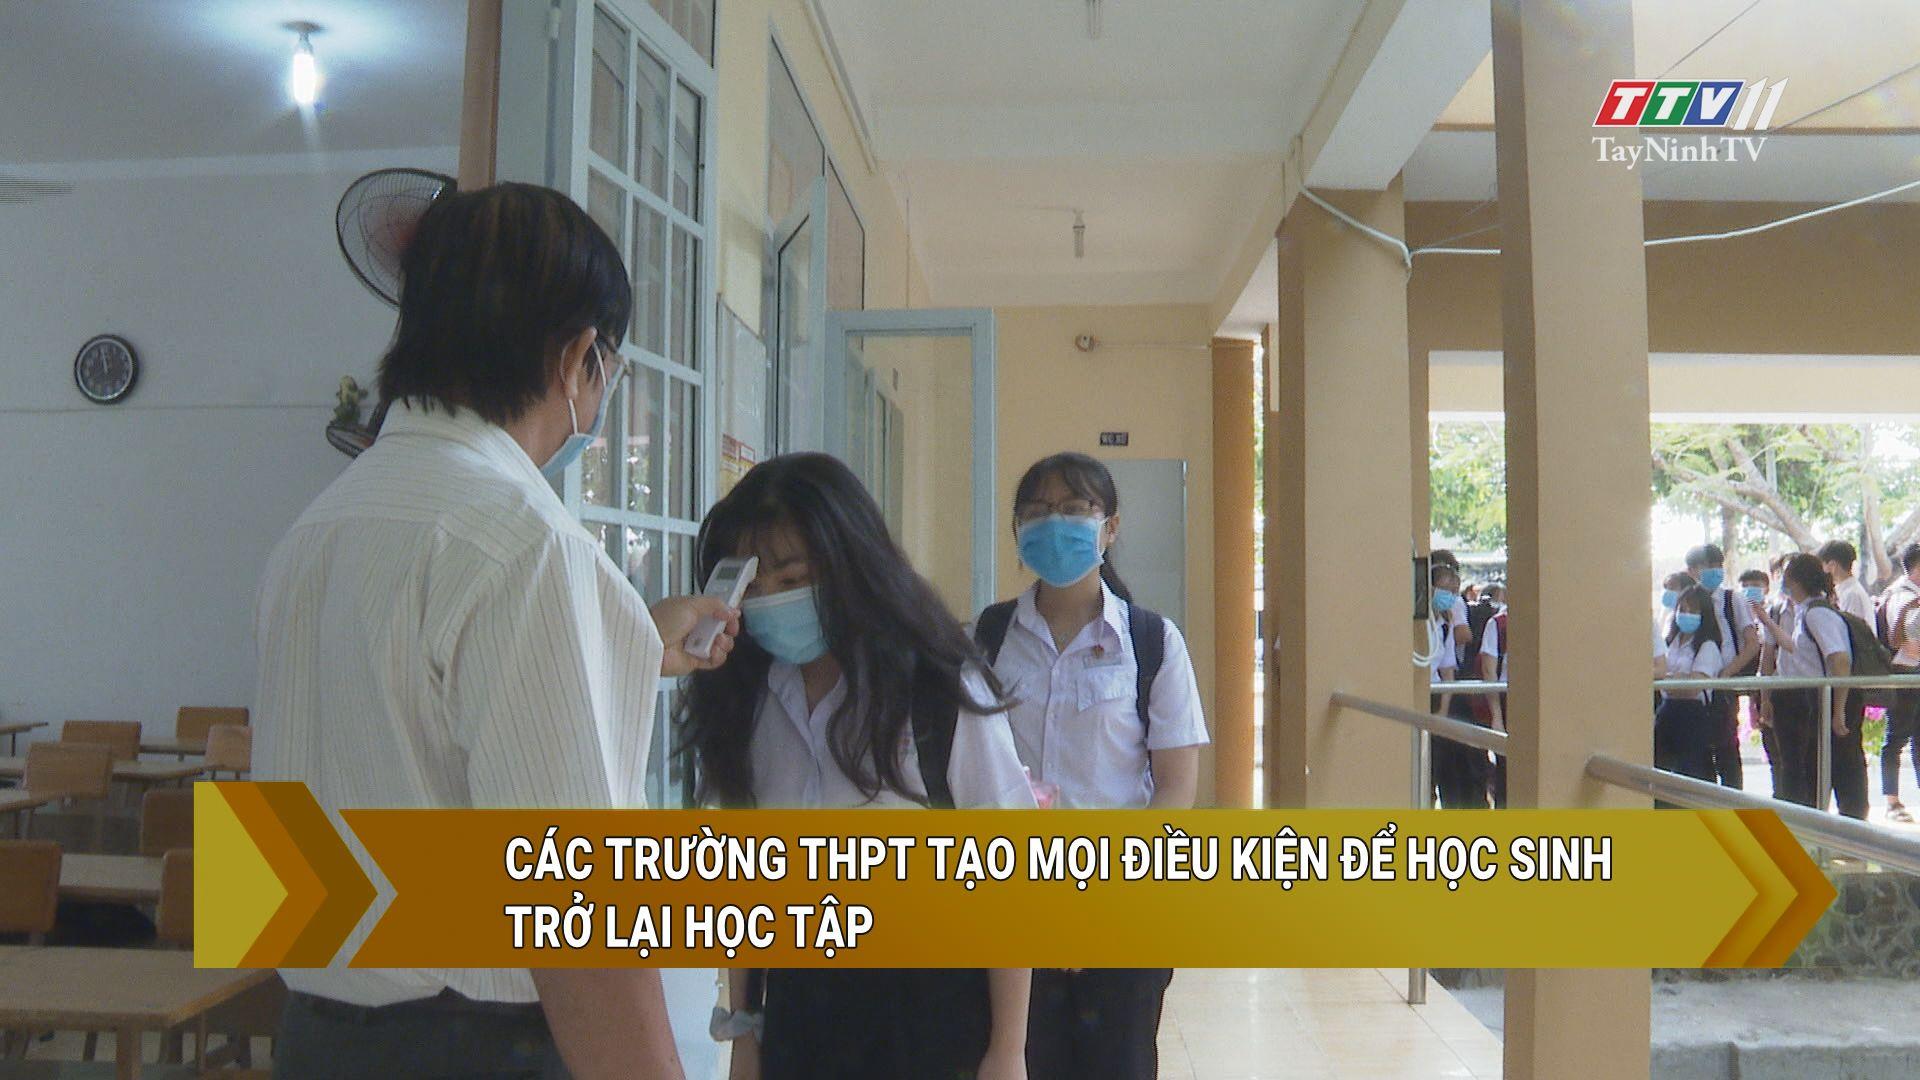 Các trường THPT tạo mọi điều kiệnđể học sinh trở lại học tập| GIÁO DỤC VÀ ĐÀO TẠO |TayNinhTV